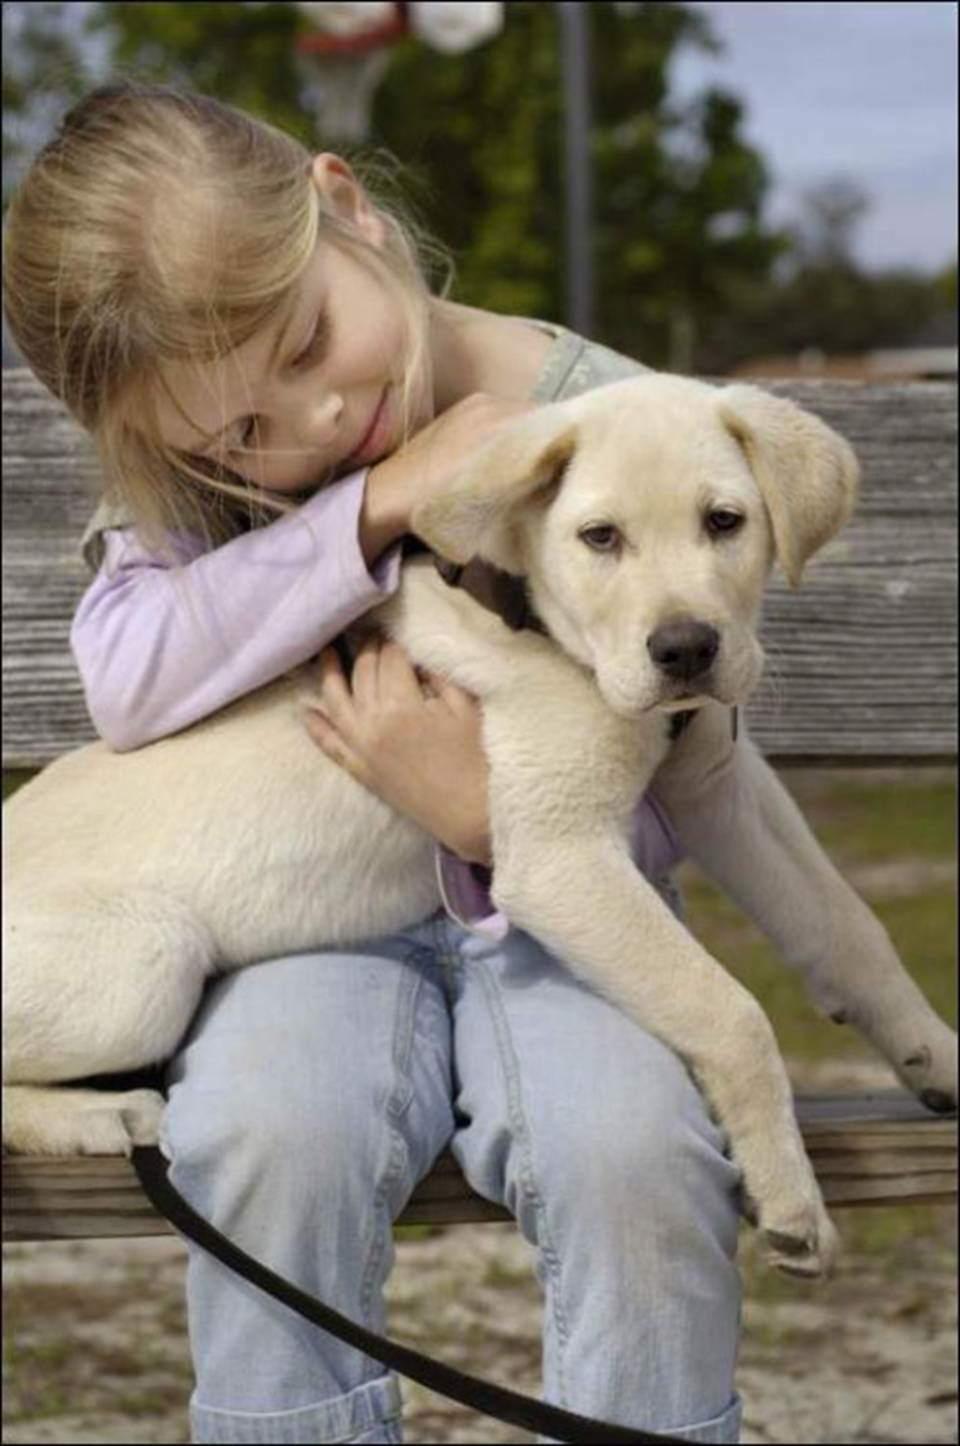 Cute girl and her cute dog